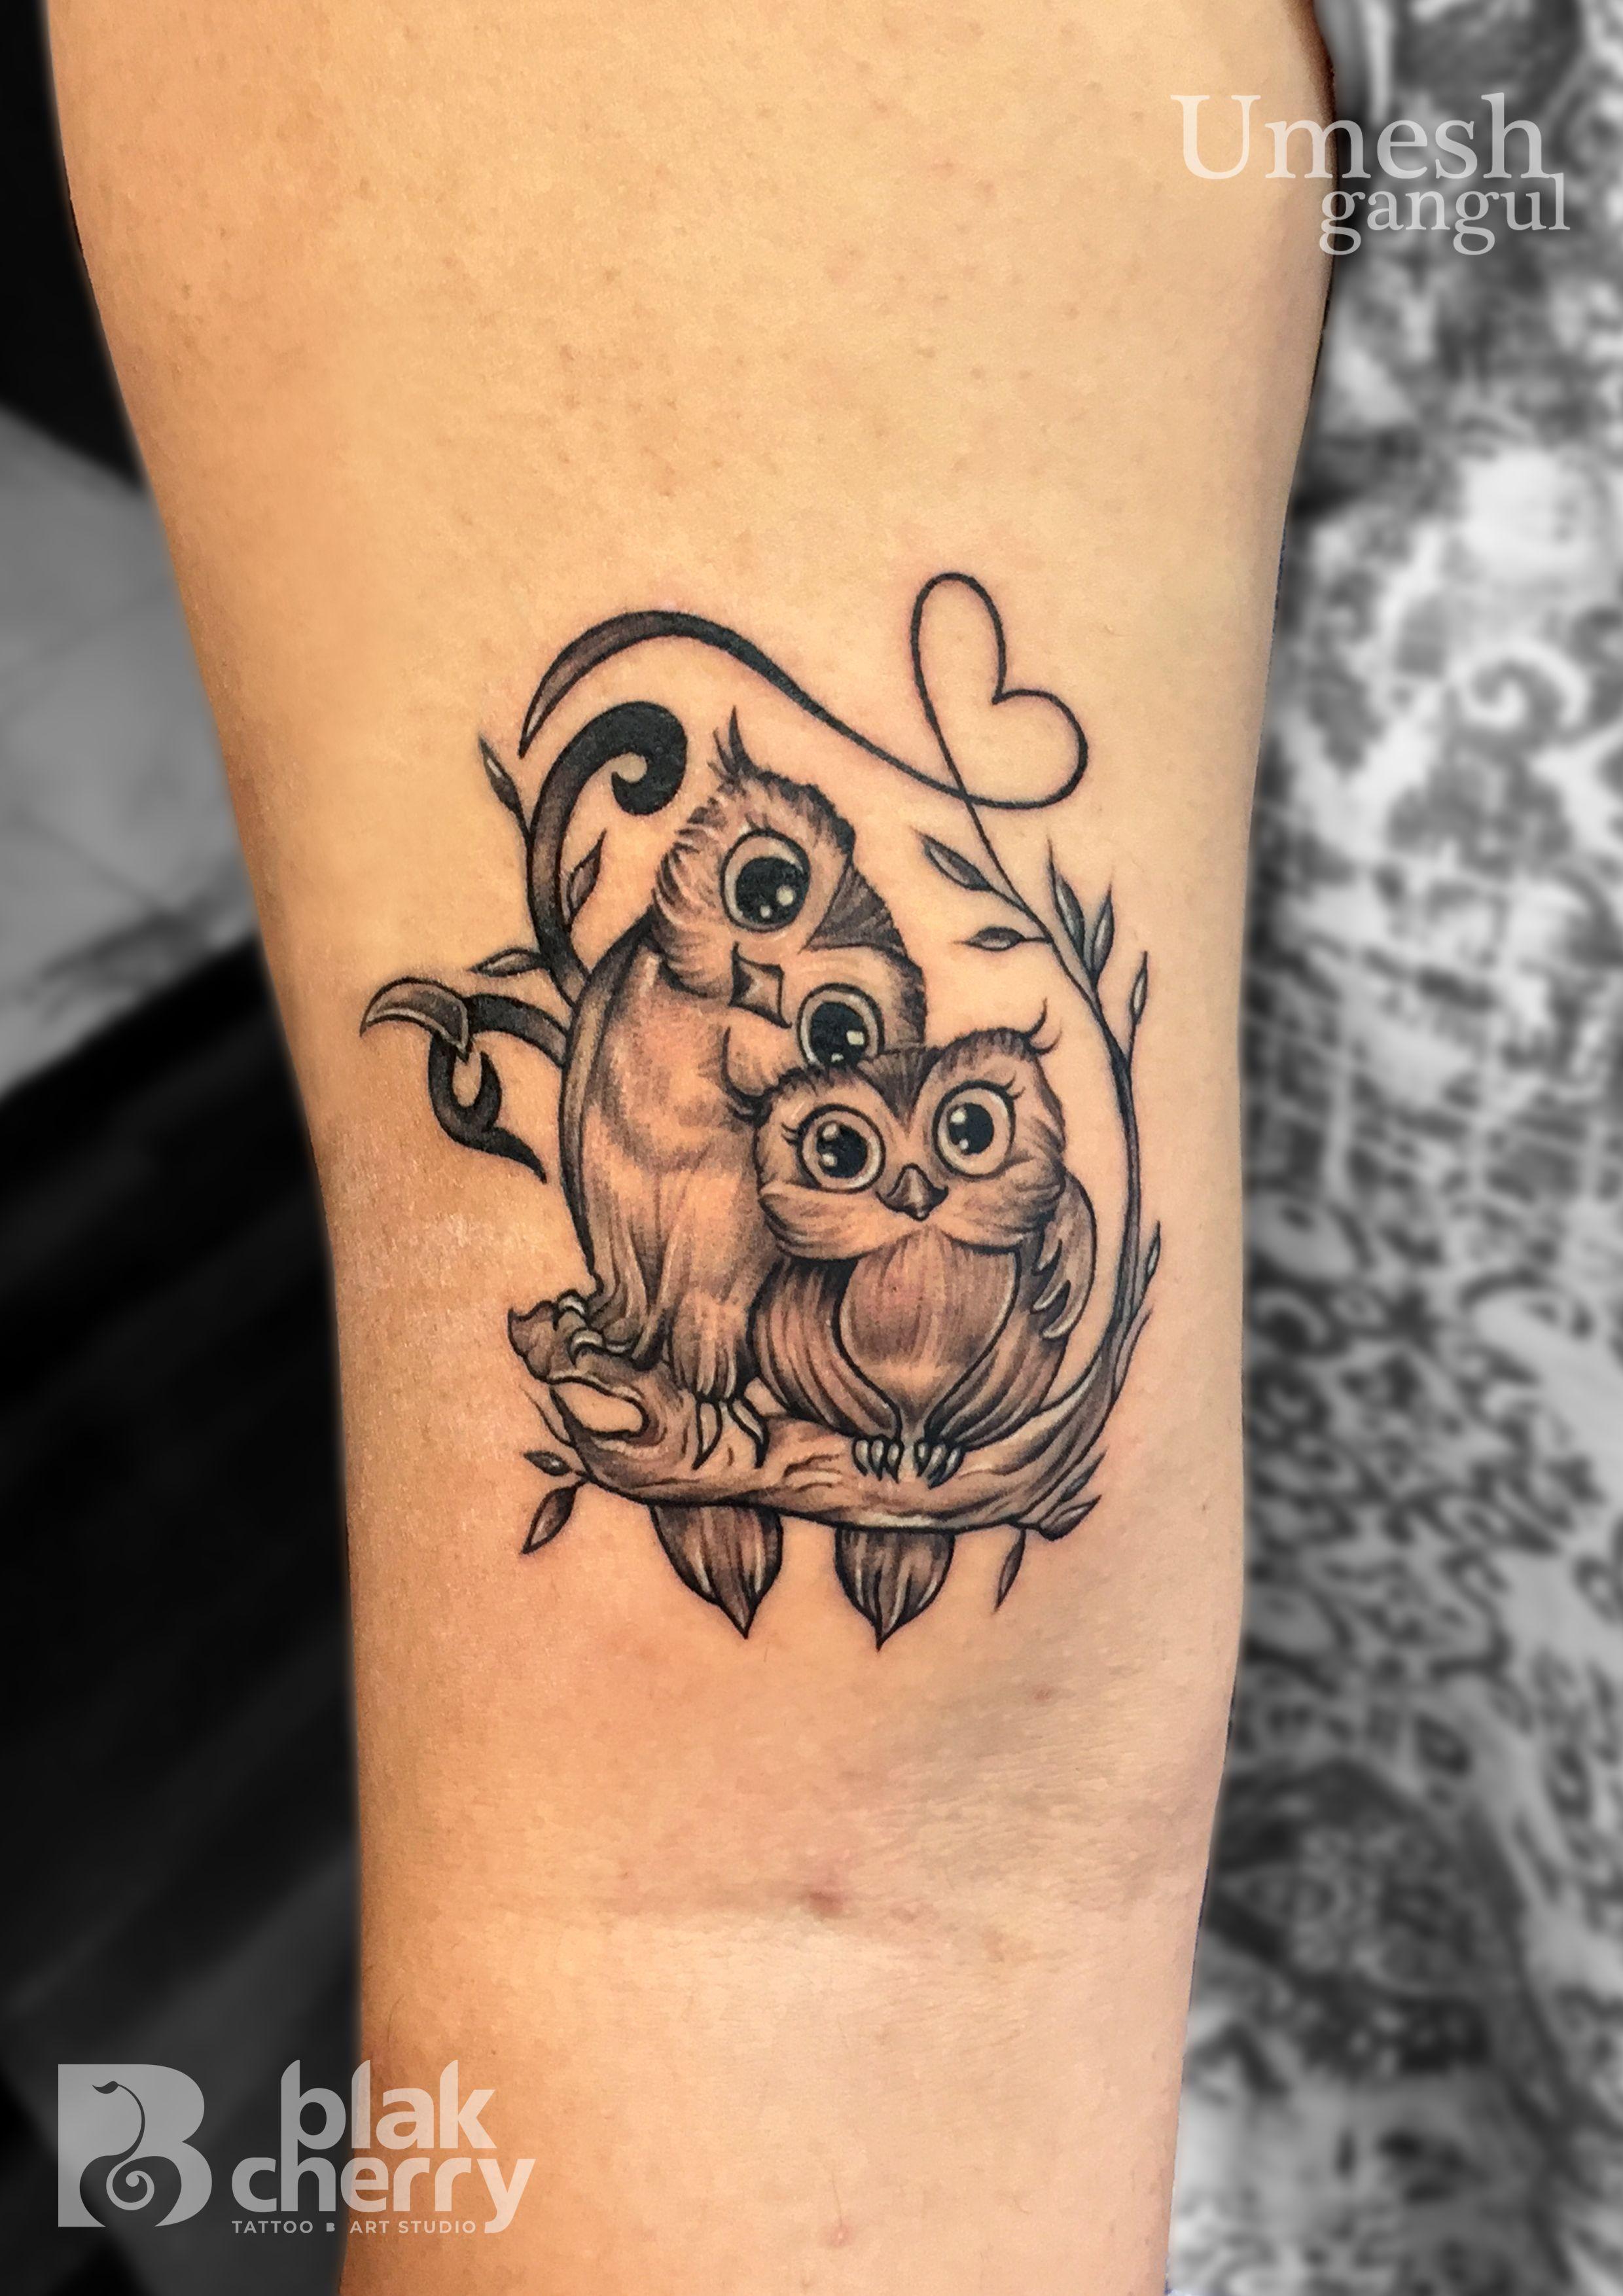 Cute Owl Tattoo Owl Tattoo Blakcherry Tattoo Studio Ahmednagar Cute Owl Tattoo Baby Owl Tattoos Tattoos